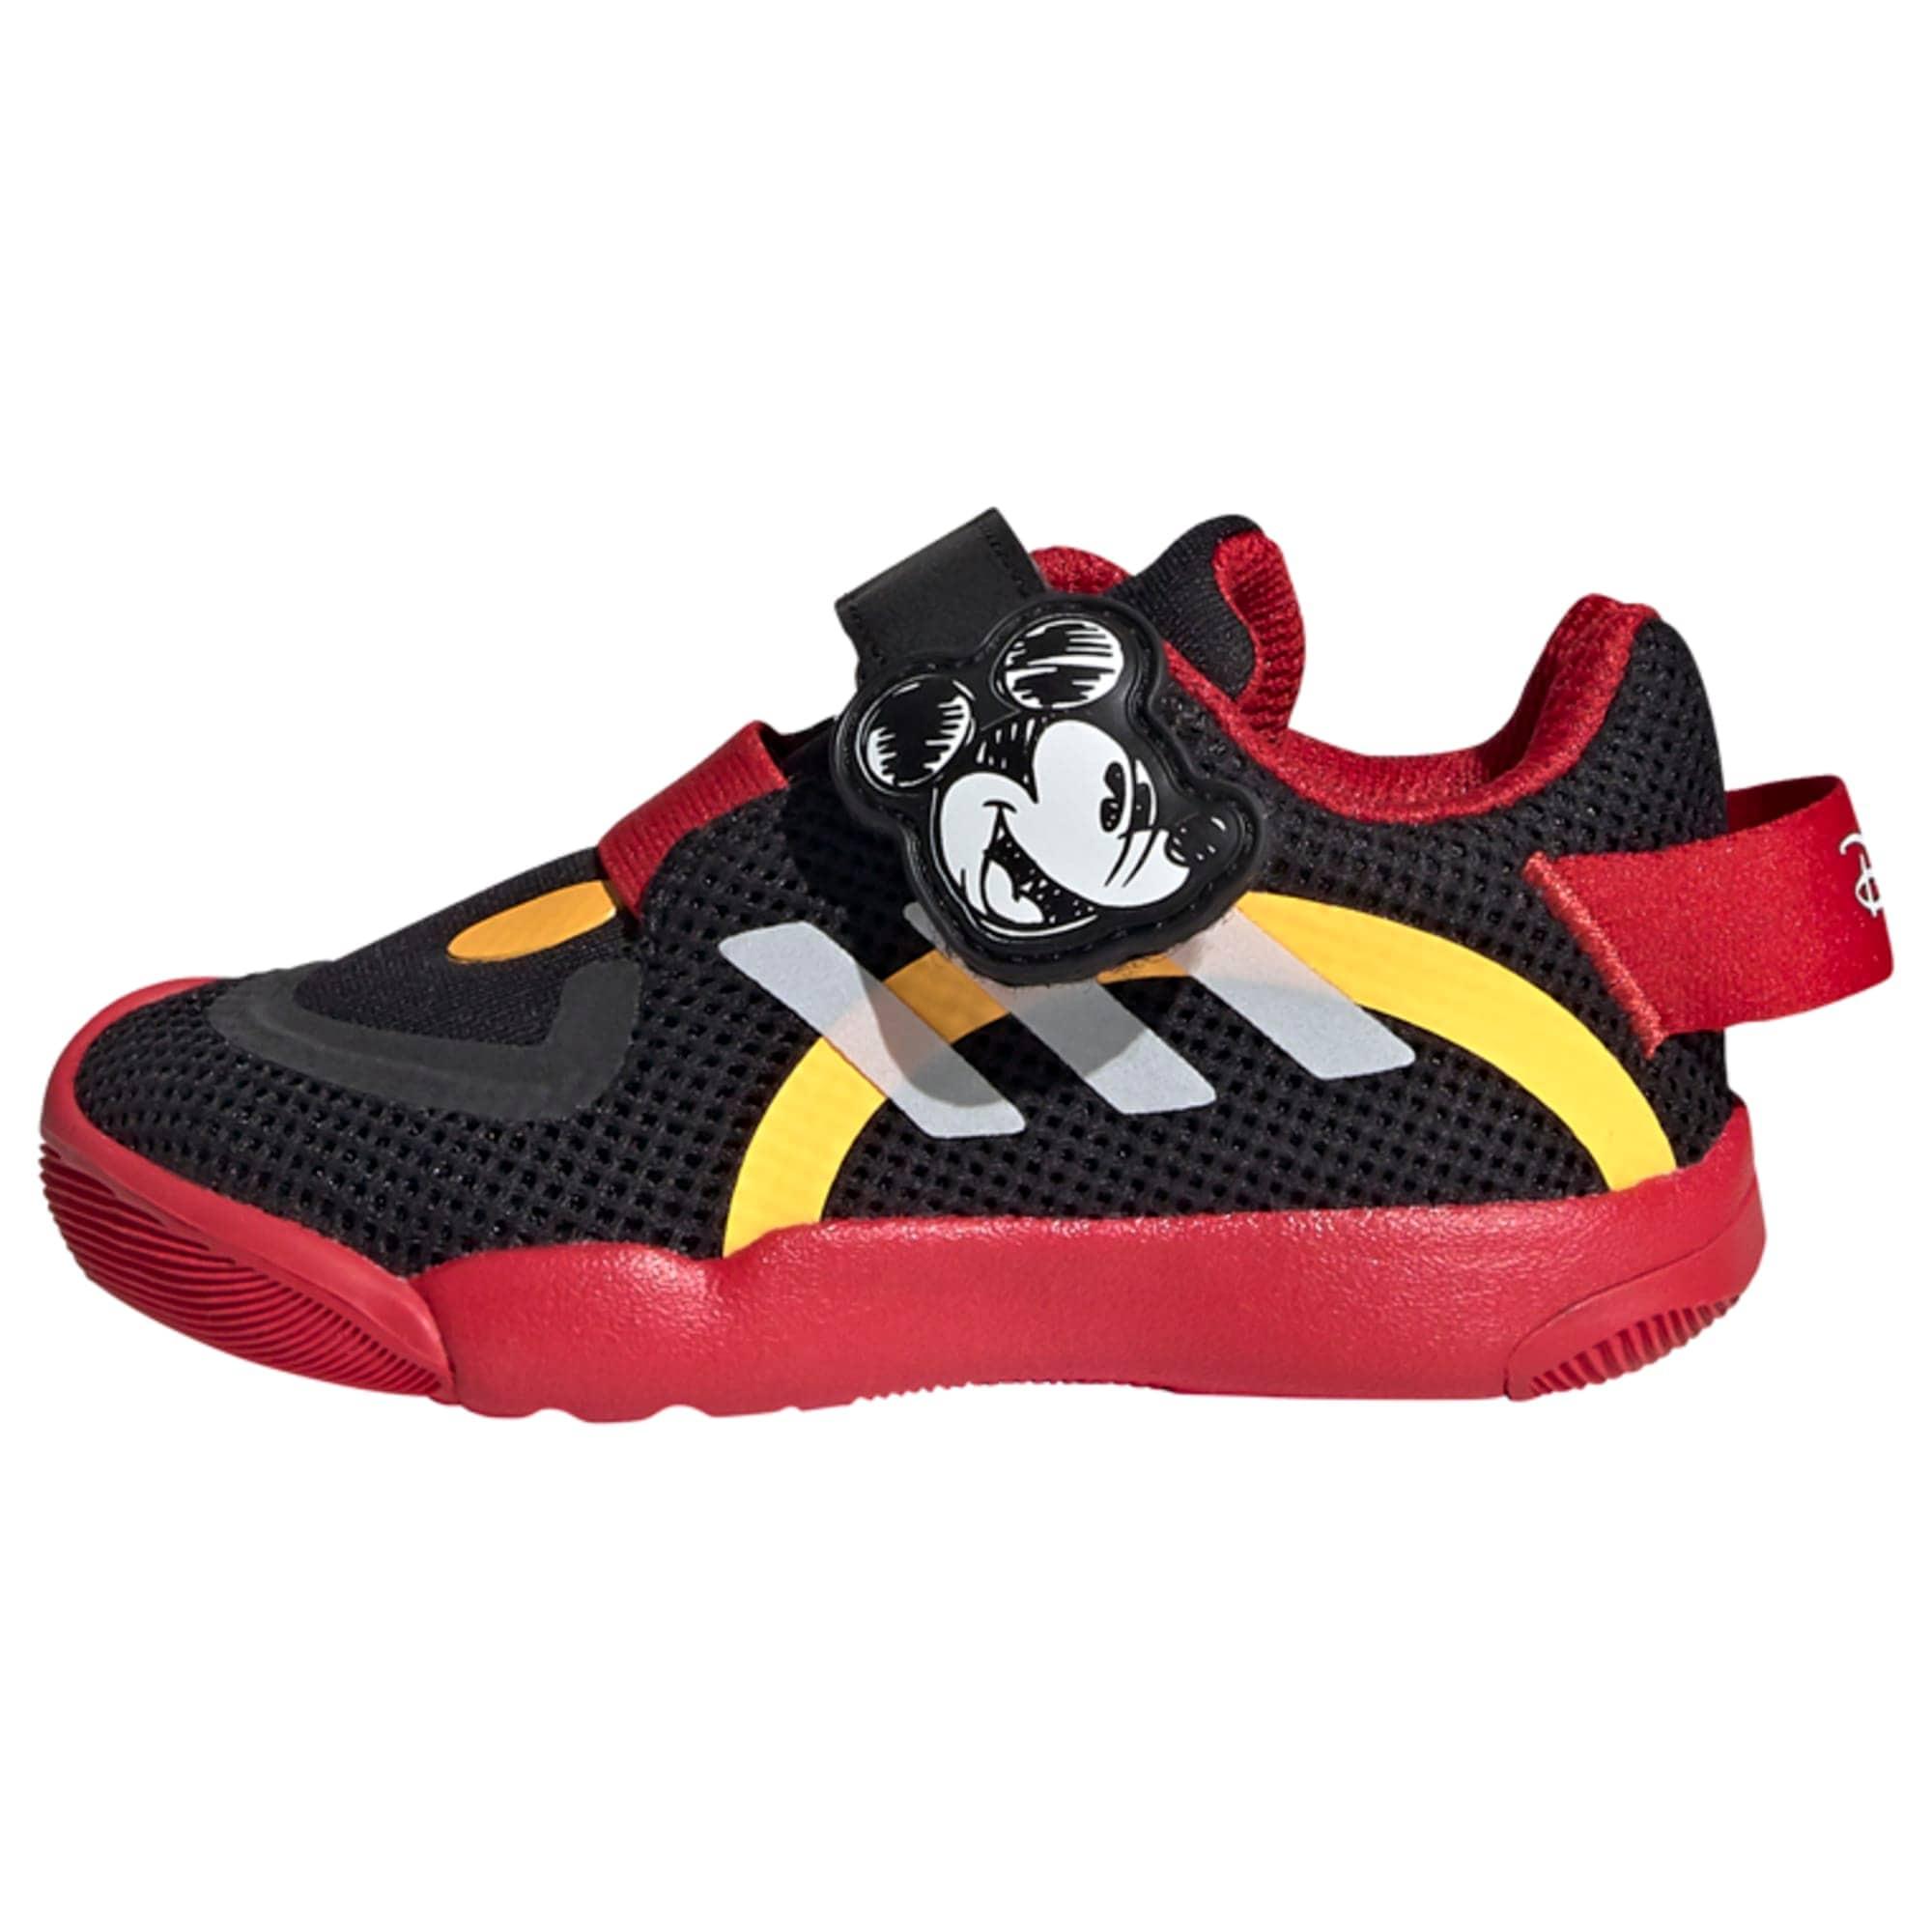 ADIDAS PERFORMANCE Sportiniai batai 'ActivePlay Mickey' juoda / raudona / geltona / balta